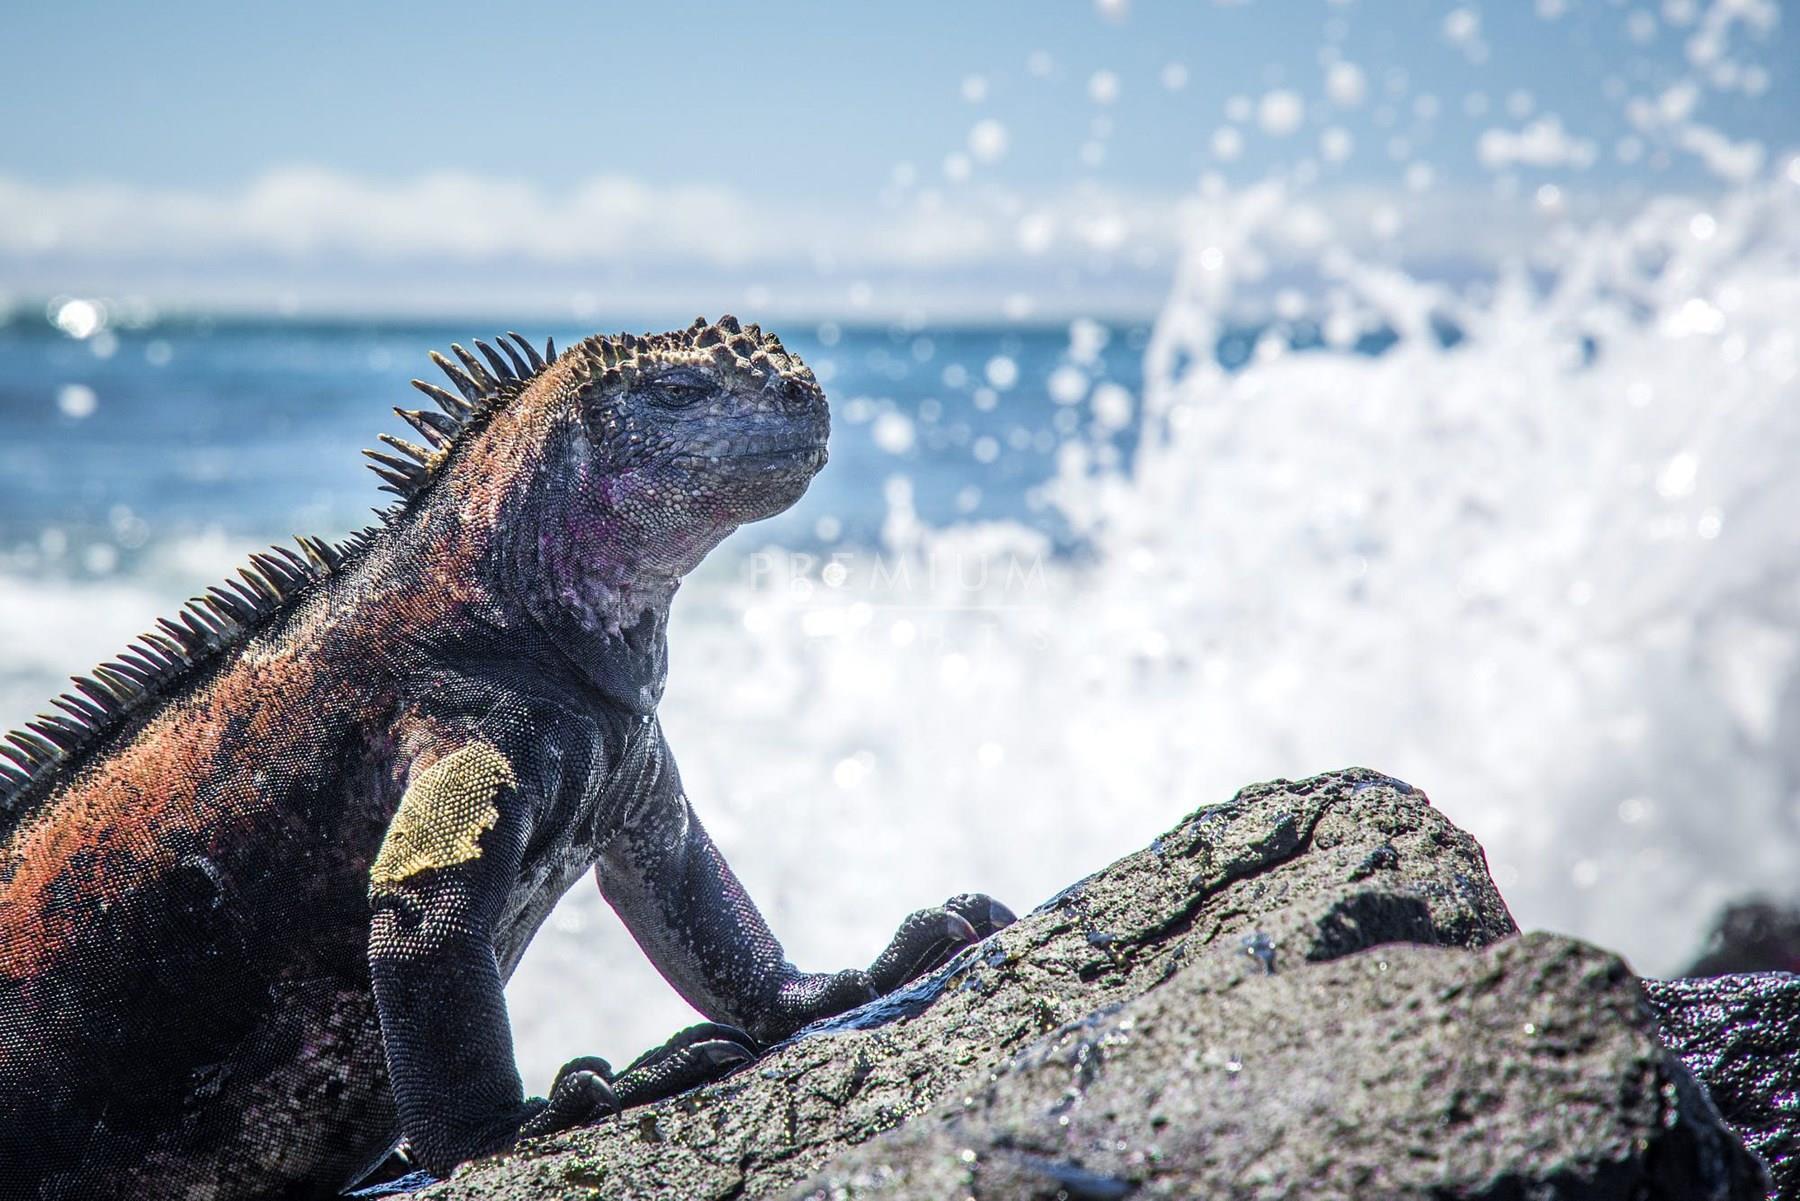 Iguanas in Isabela island